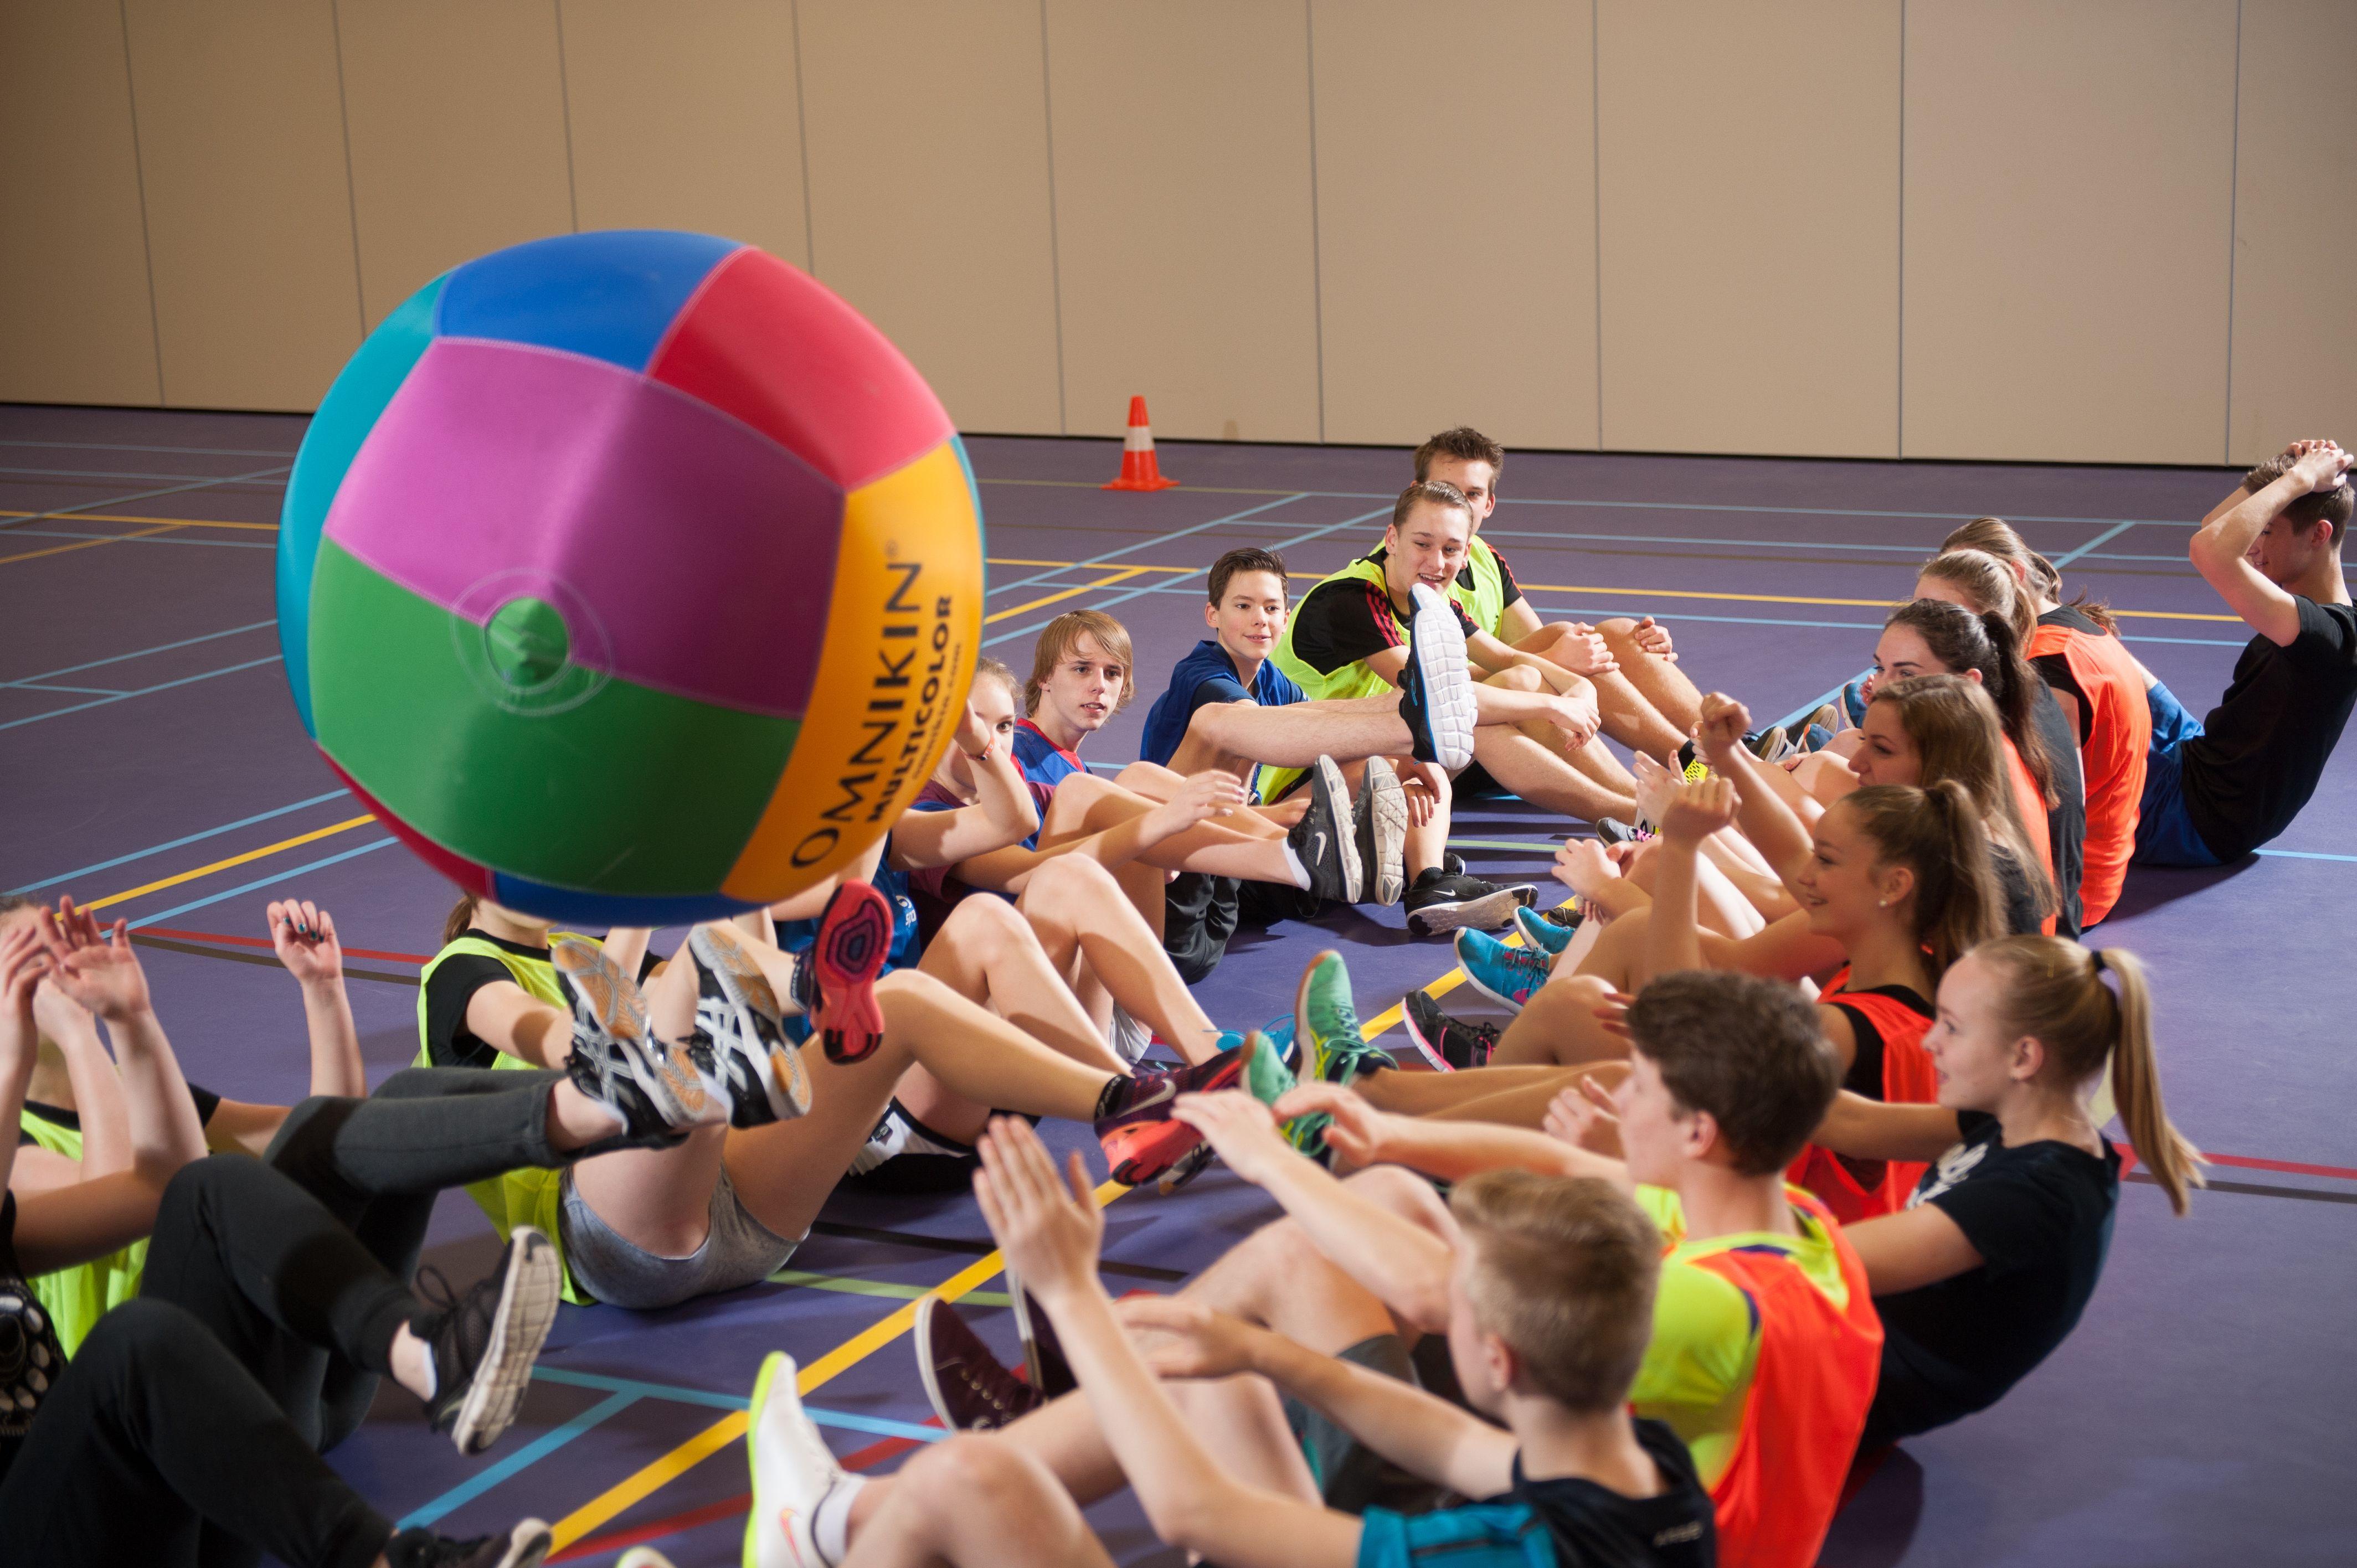 Samenwerking Is Ontzettend Belangrijk Bij Dit Balspel Bekijk Onze Omnikin Bal Op De Website Nijha Bewegendleren Sports Spel Sport Fitness